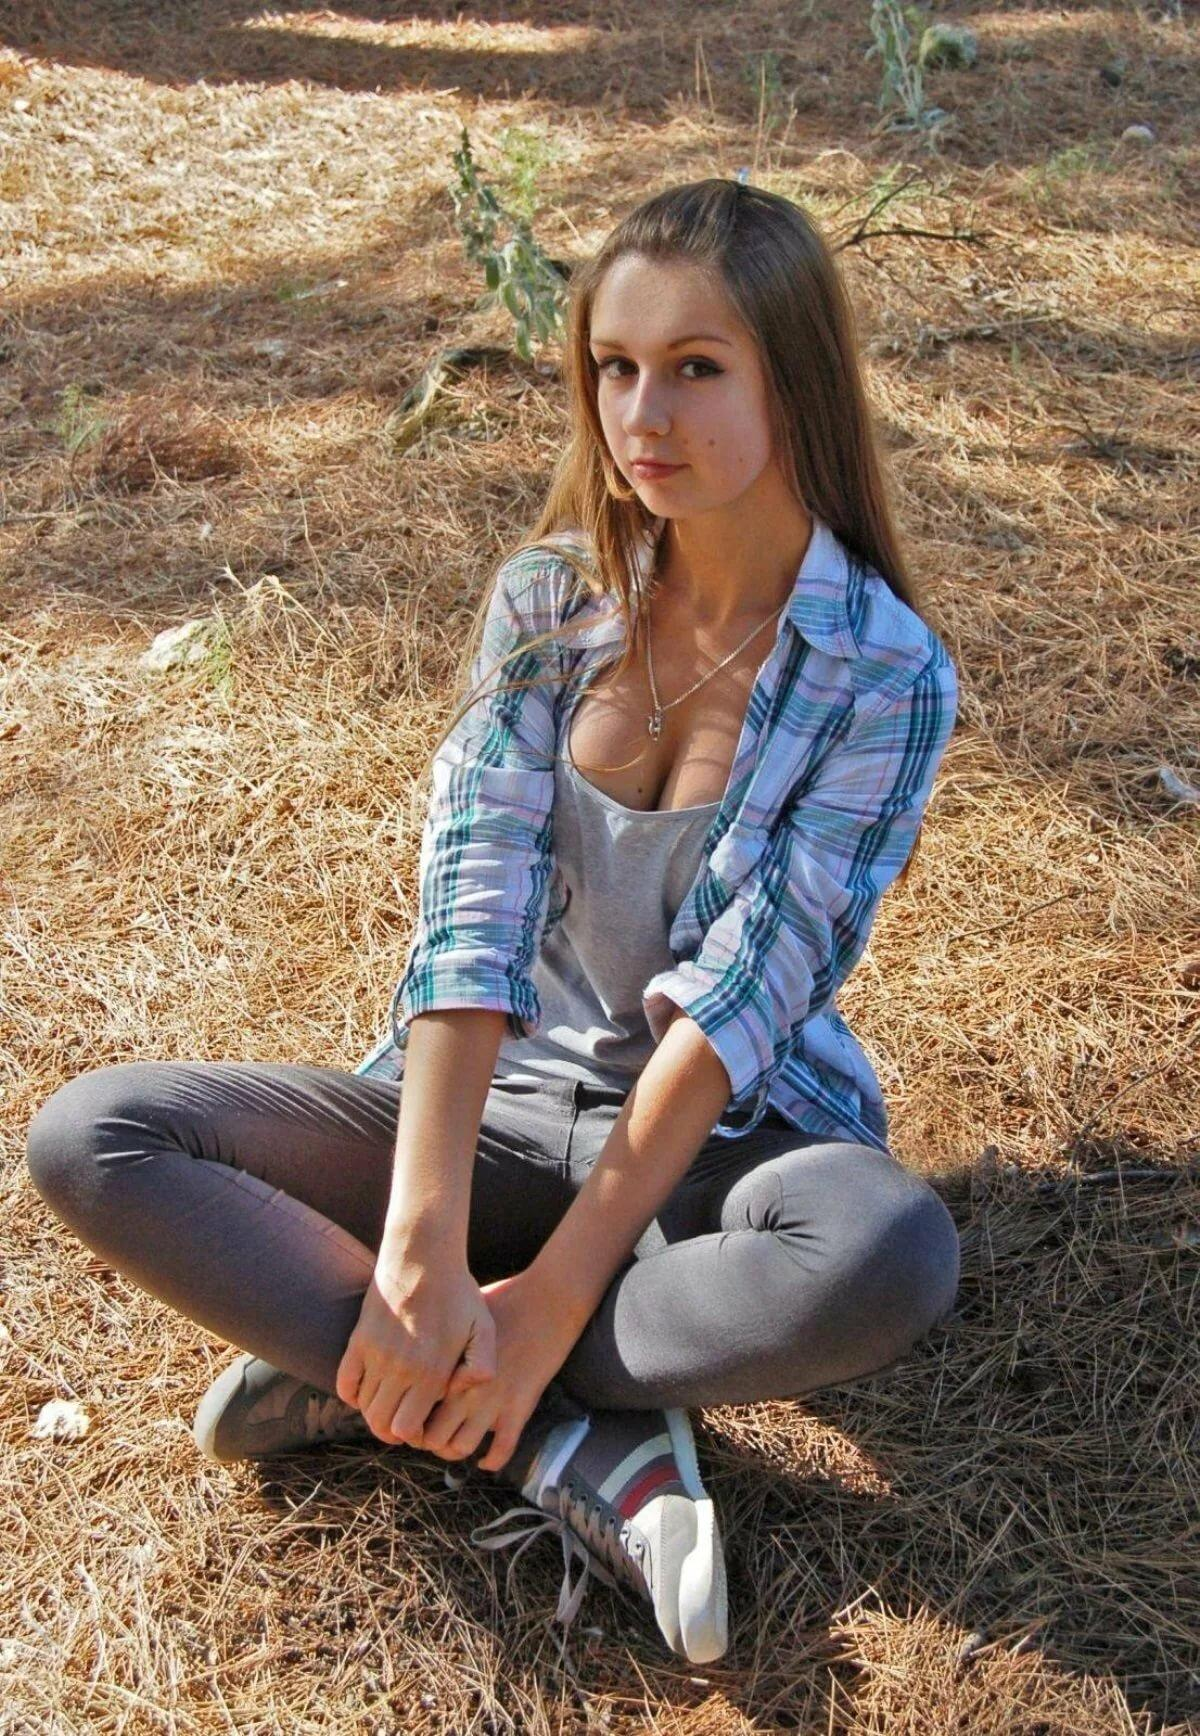 Публикация с тегами: Видеочат, Девушки